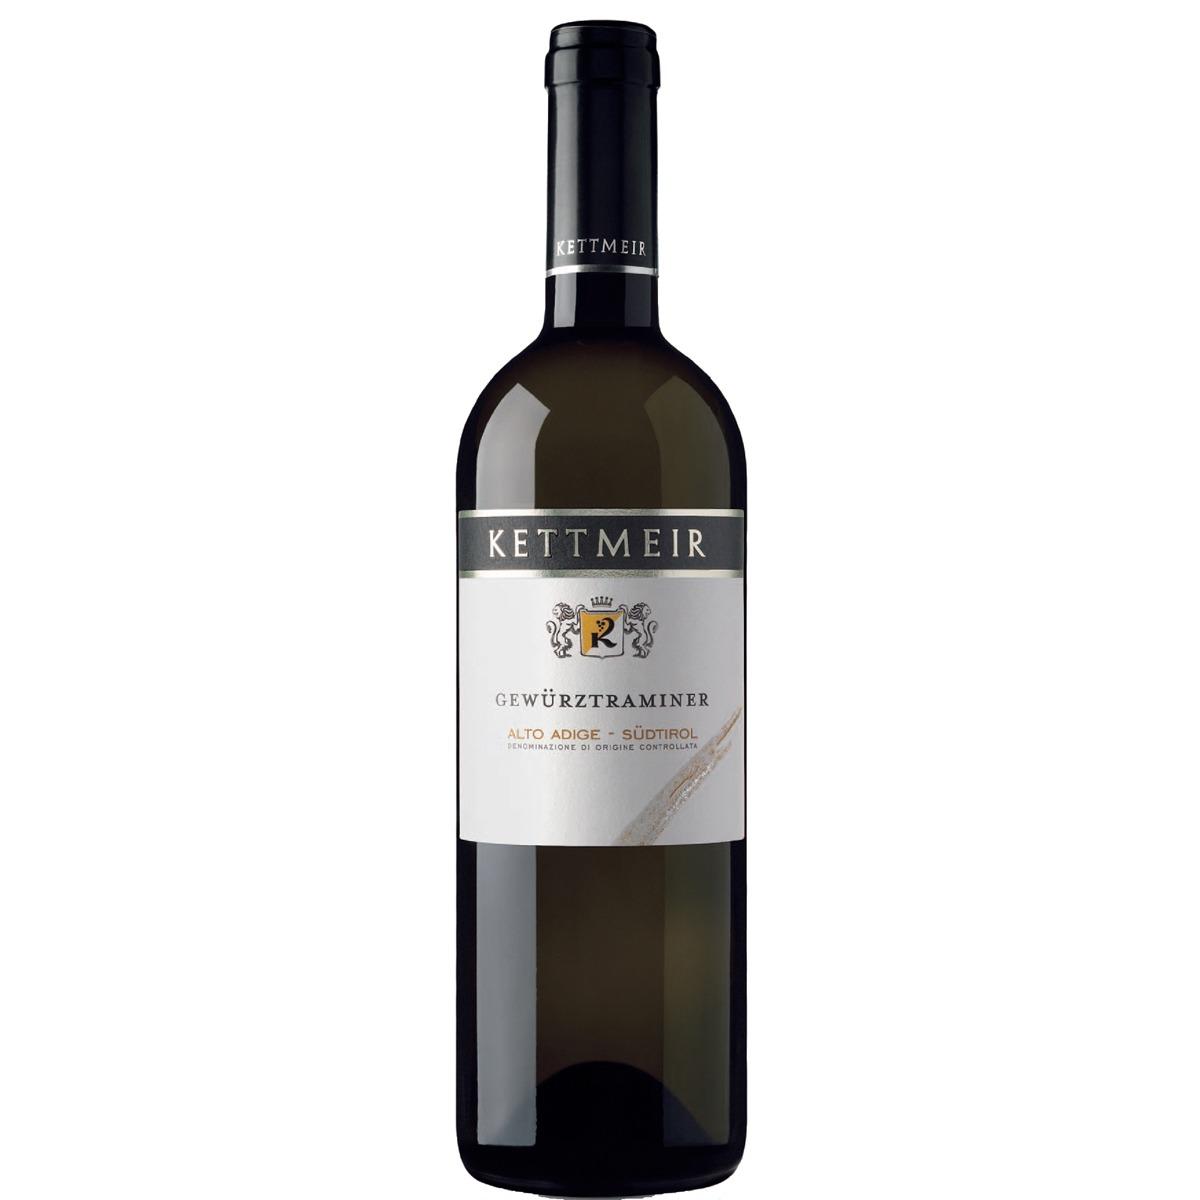 白ワイン 辛口 フルーティ ケットマイヤー ゲヴュルツトラミナー アルトアディジェ 安売り Gew 即出荷 Adige Kettmeir rztraminer DOC Alto